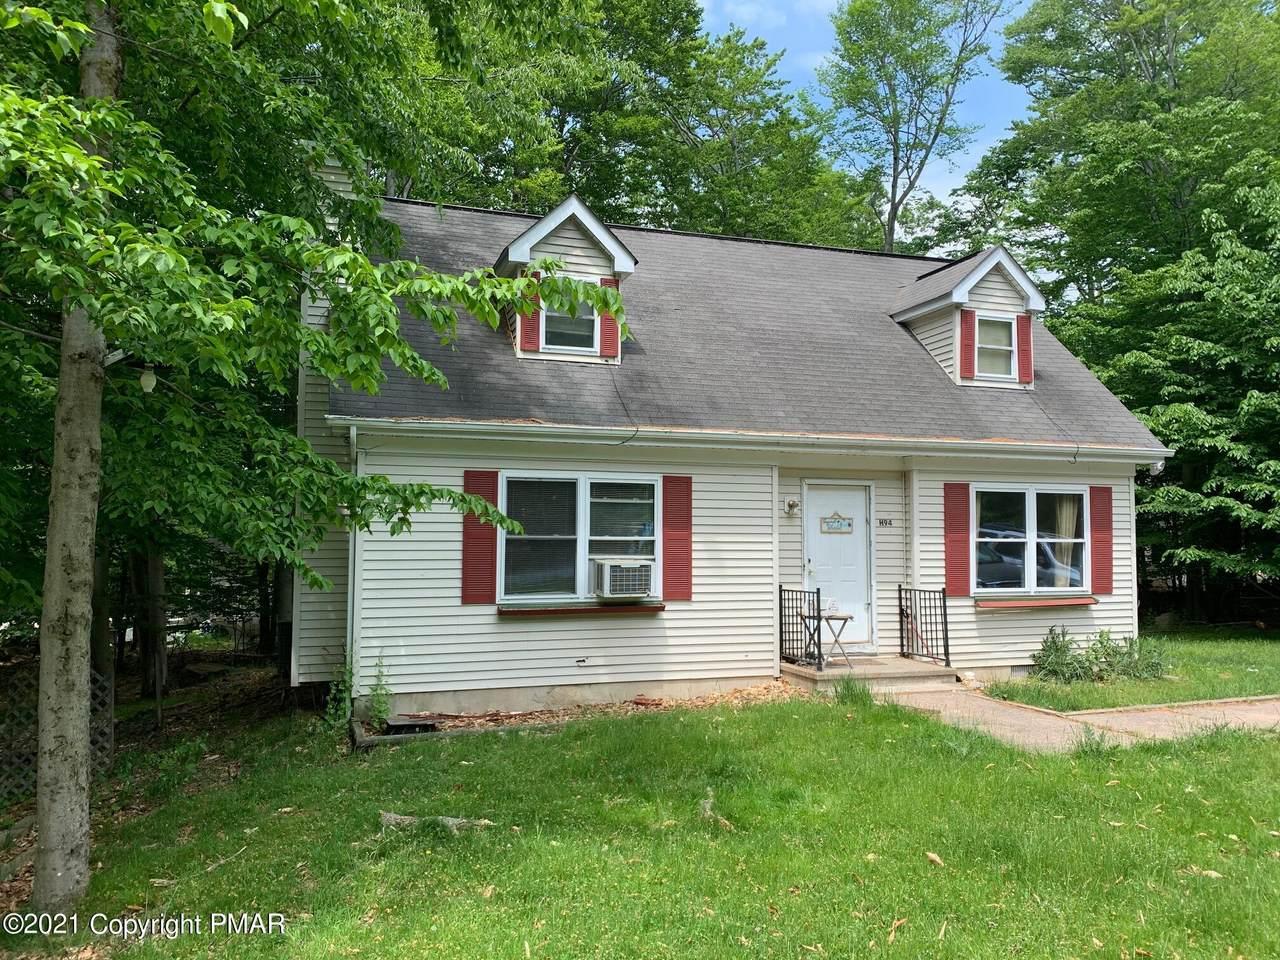 8930 Deerfield Rd - Photo 1